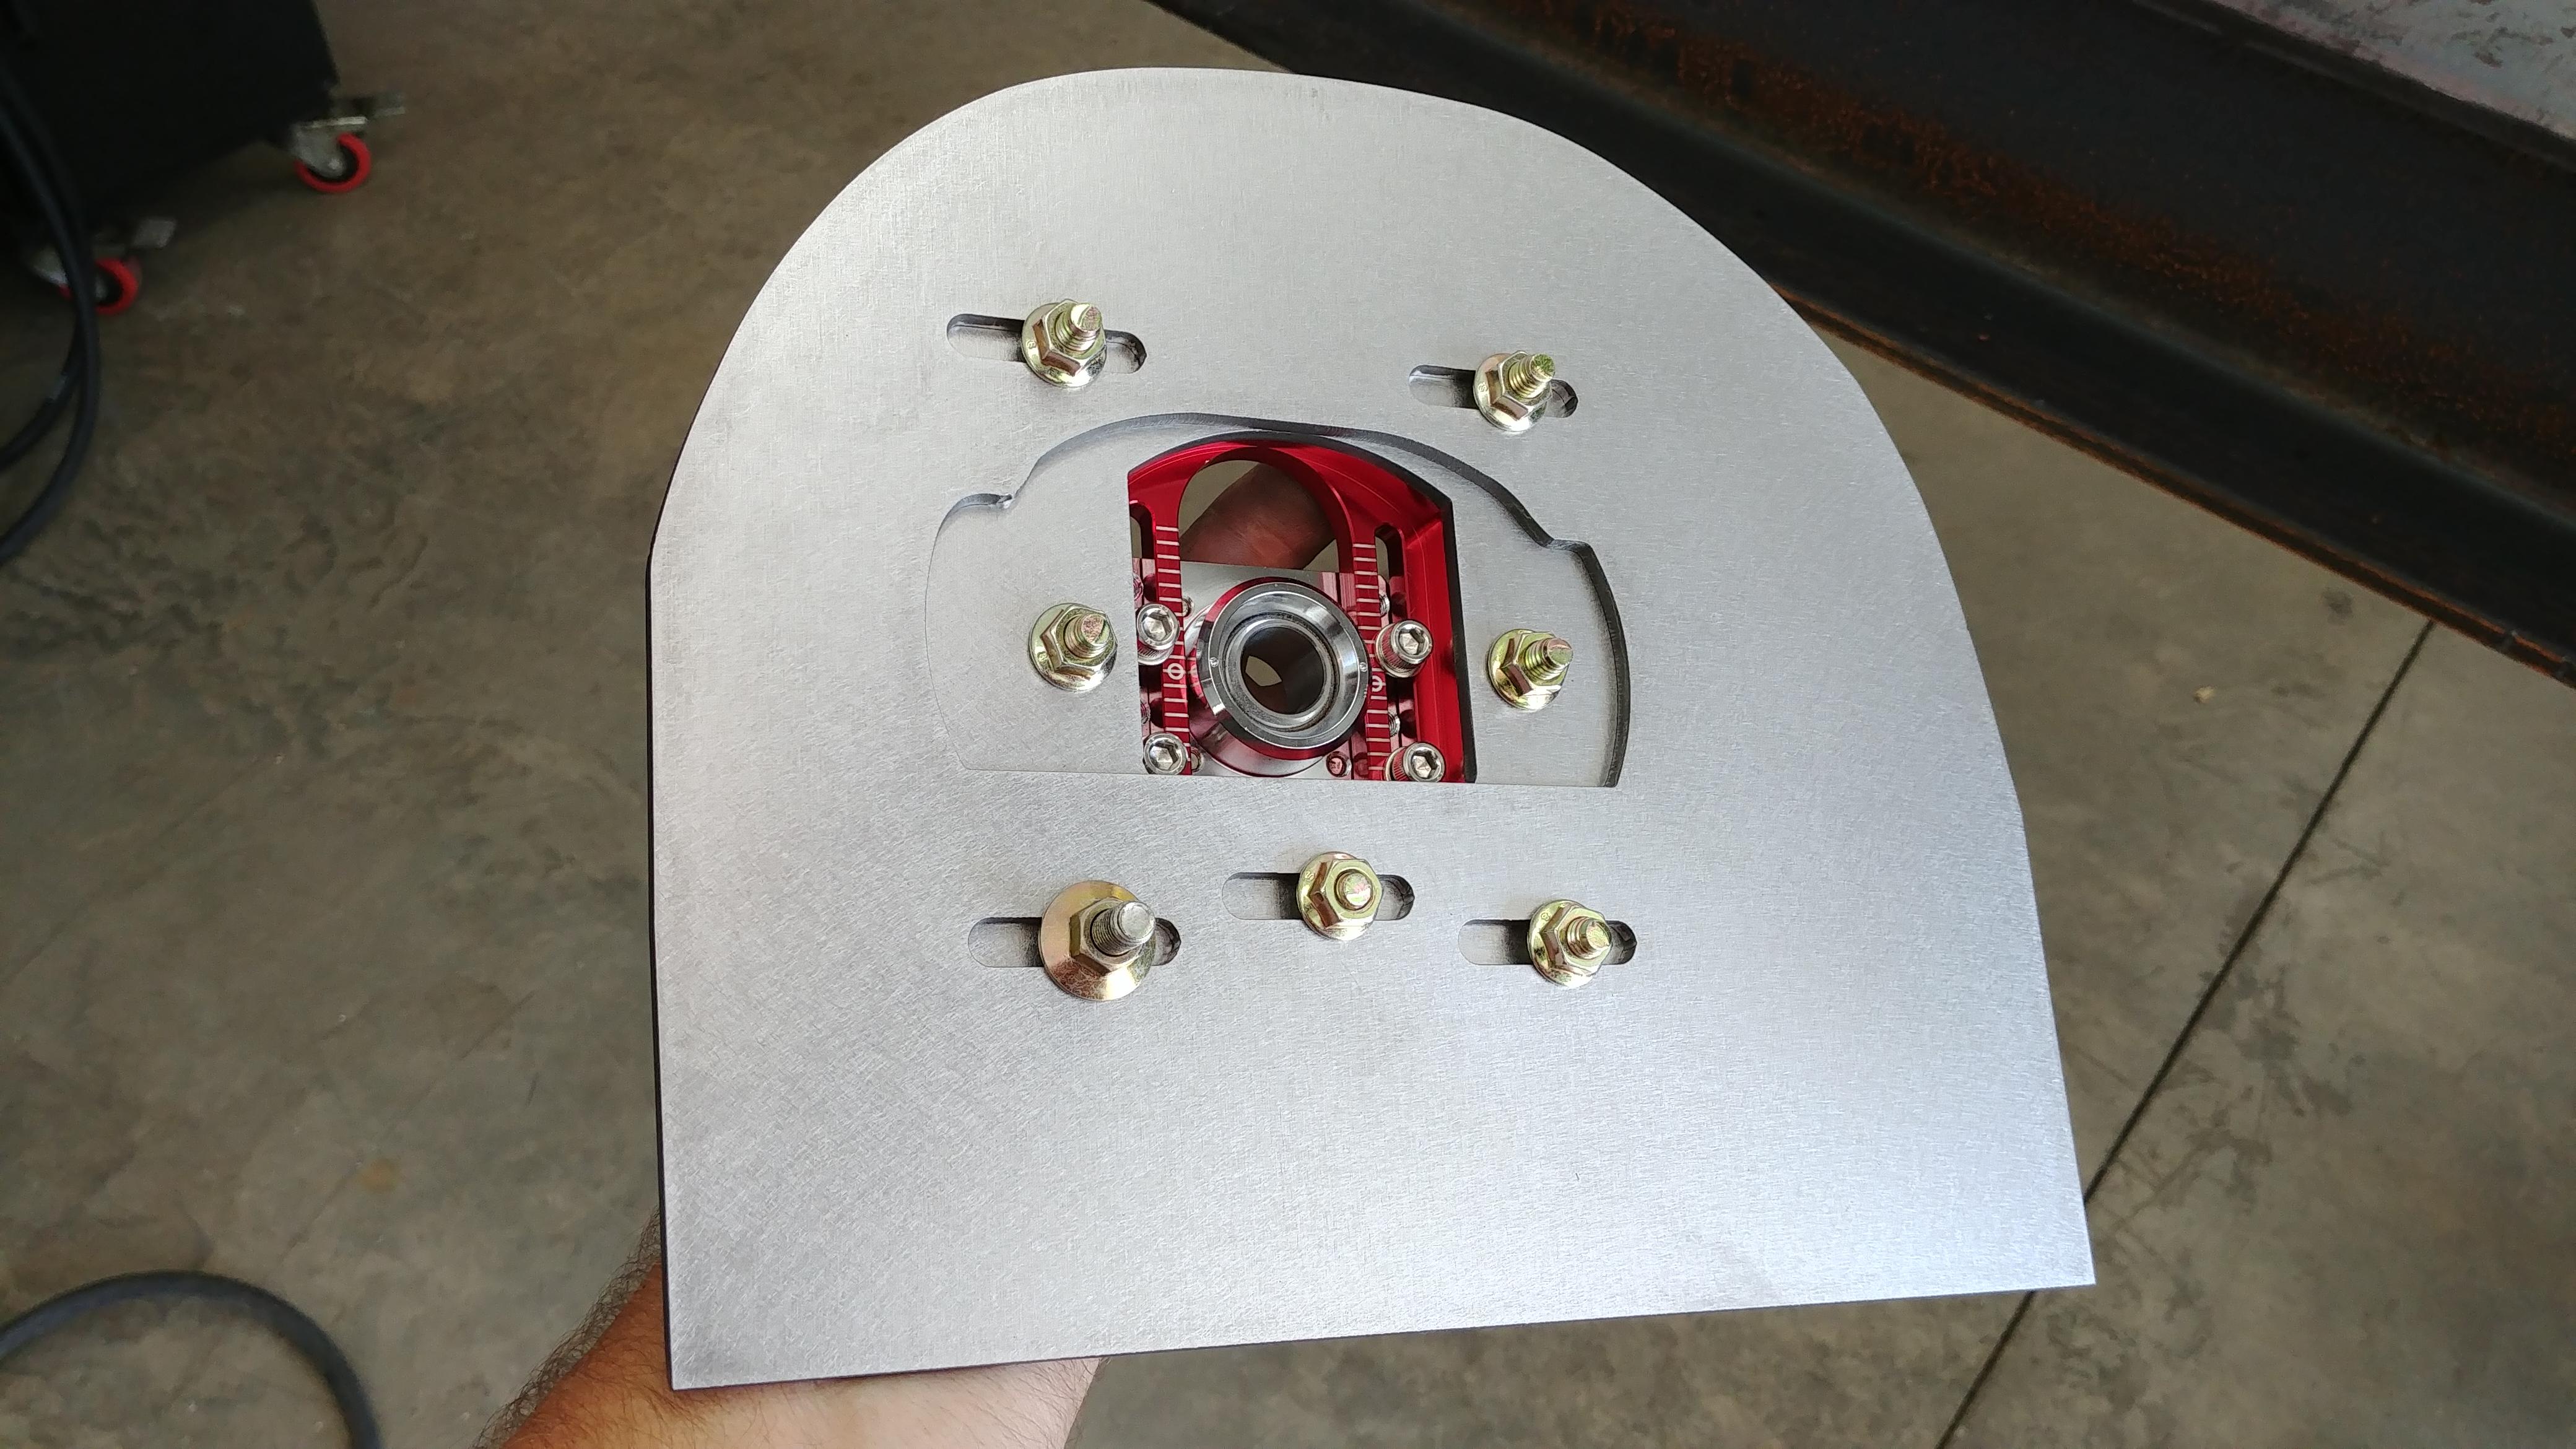 Race car suspension components